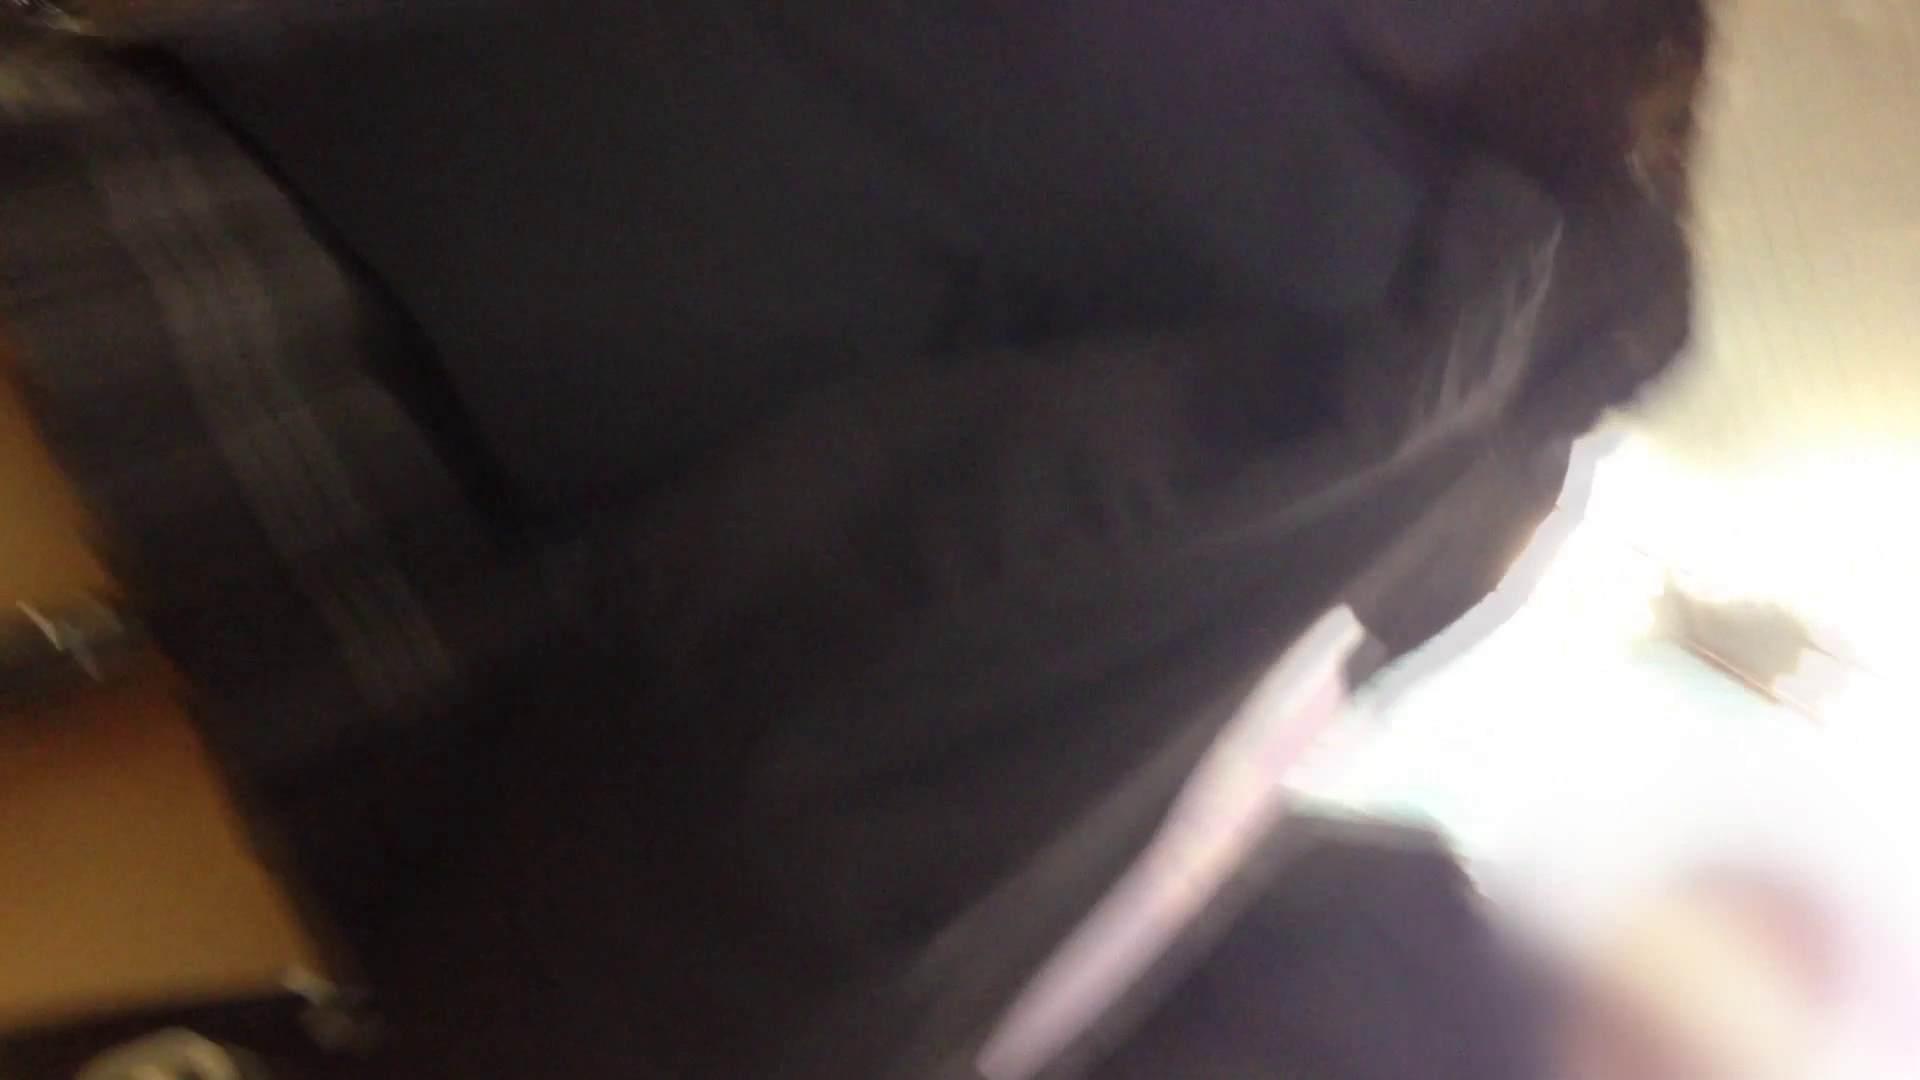 階段パンチラ Vol.06 OLの実態  77pic 32